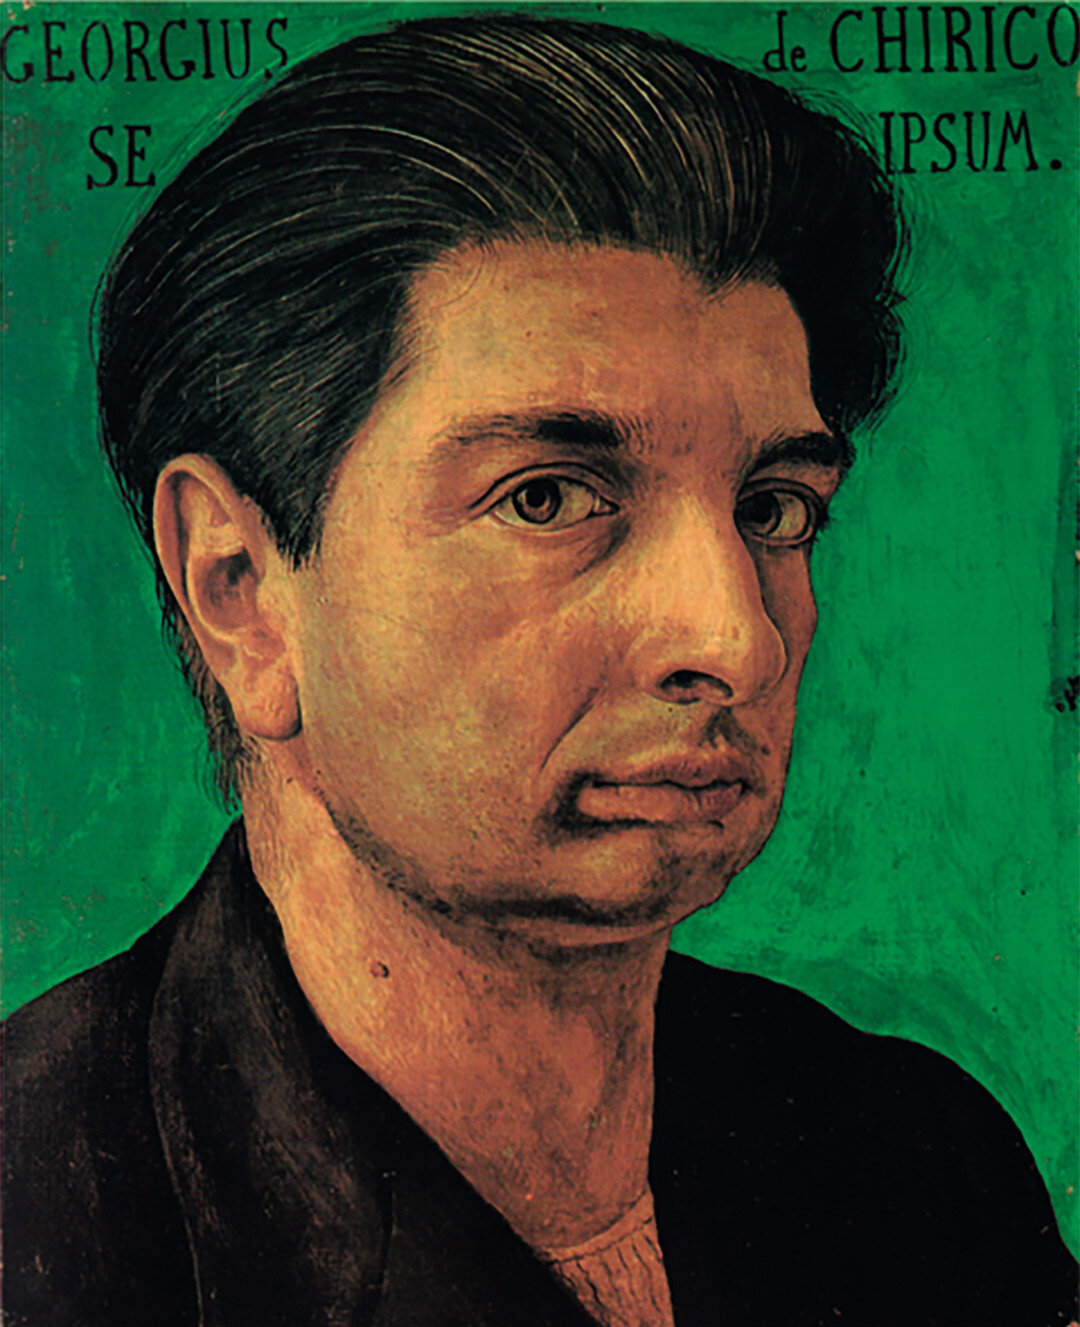 Metafizik sanatının kurucusu: Giorgio de Chirico